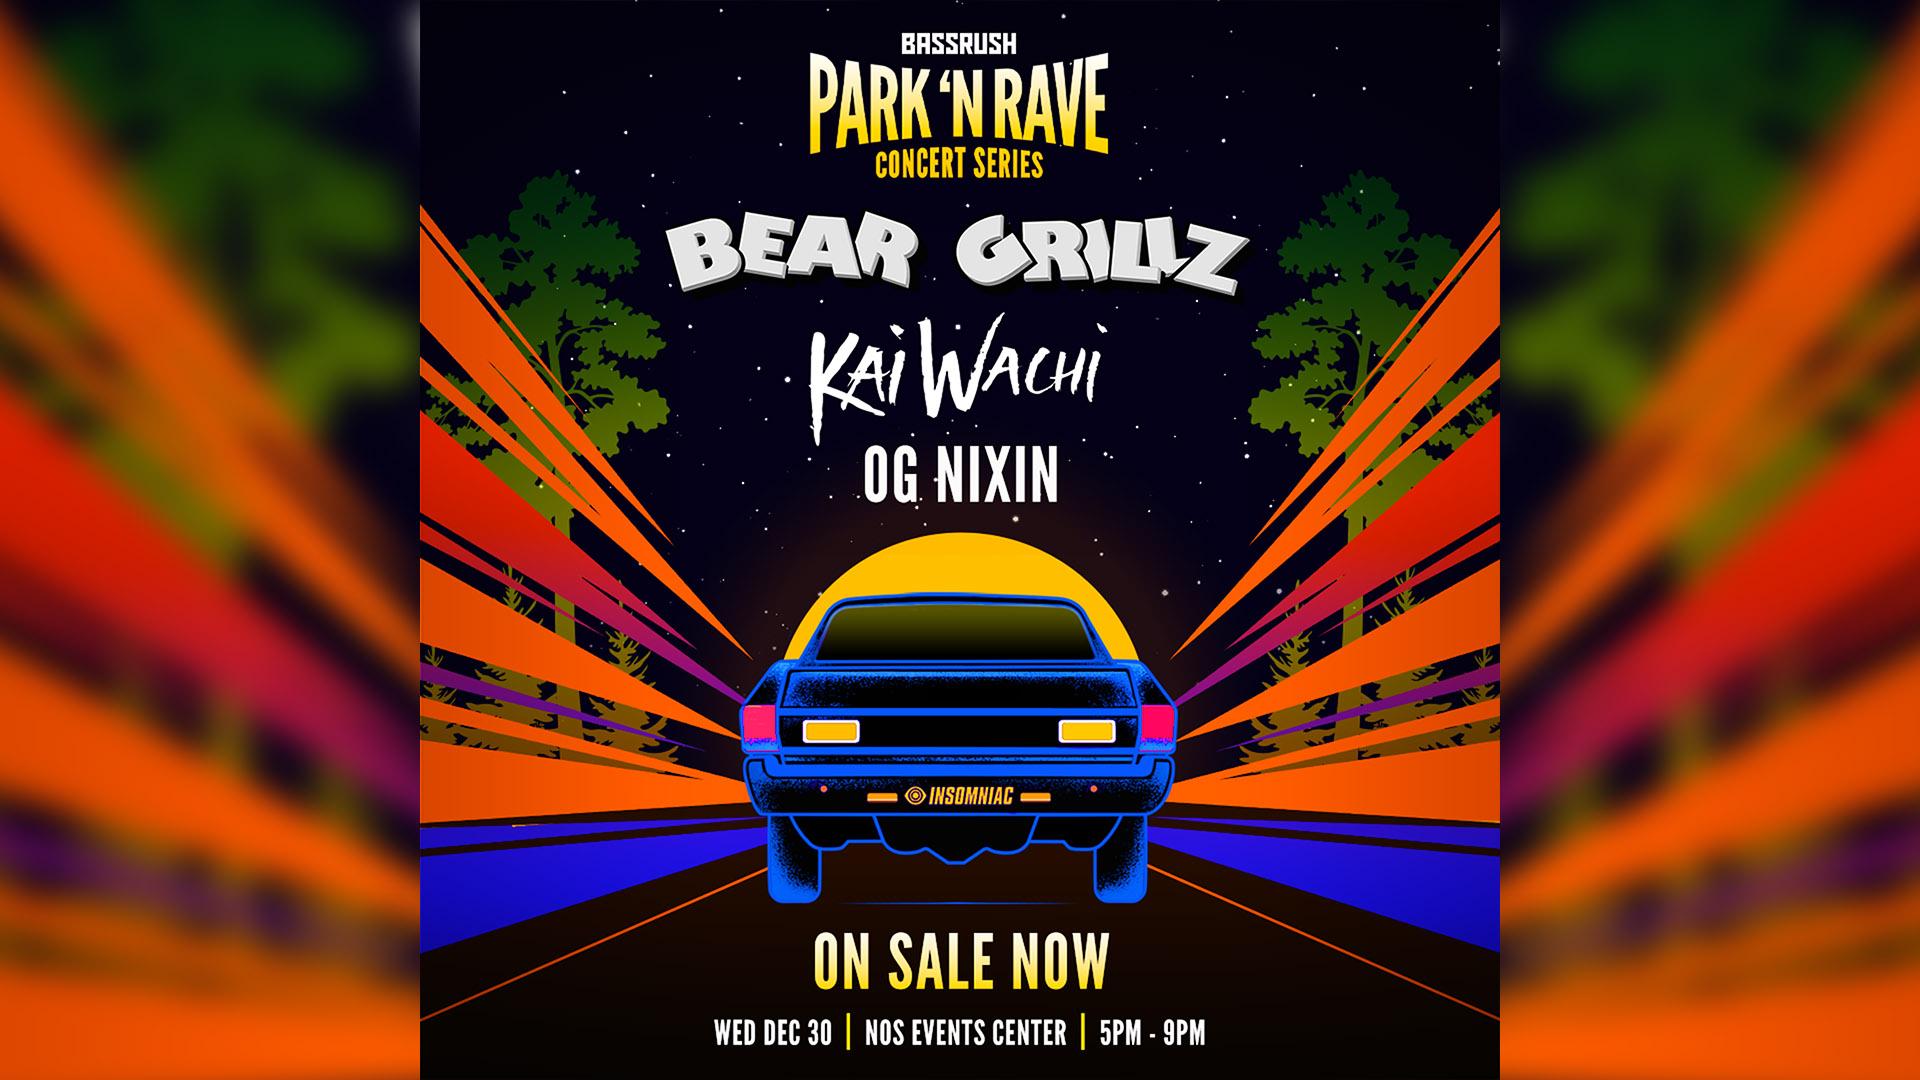 Park N Rave - Bear Grilz